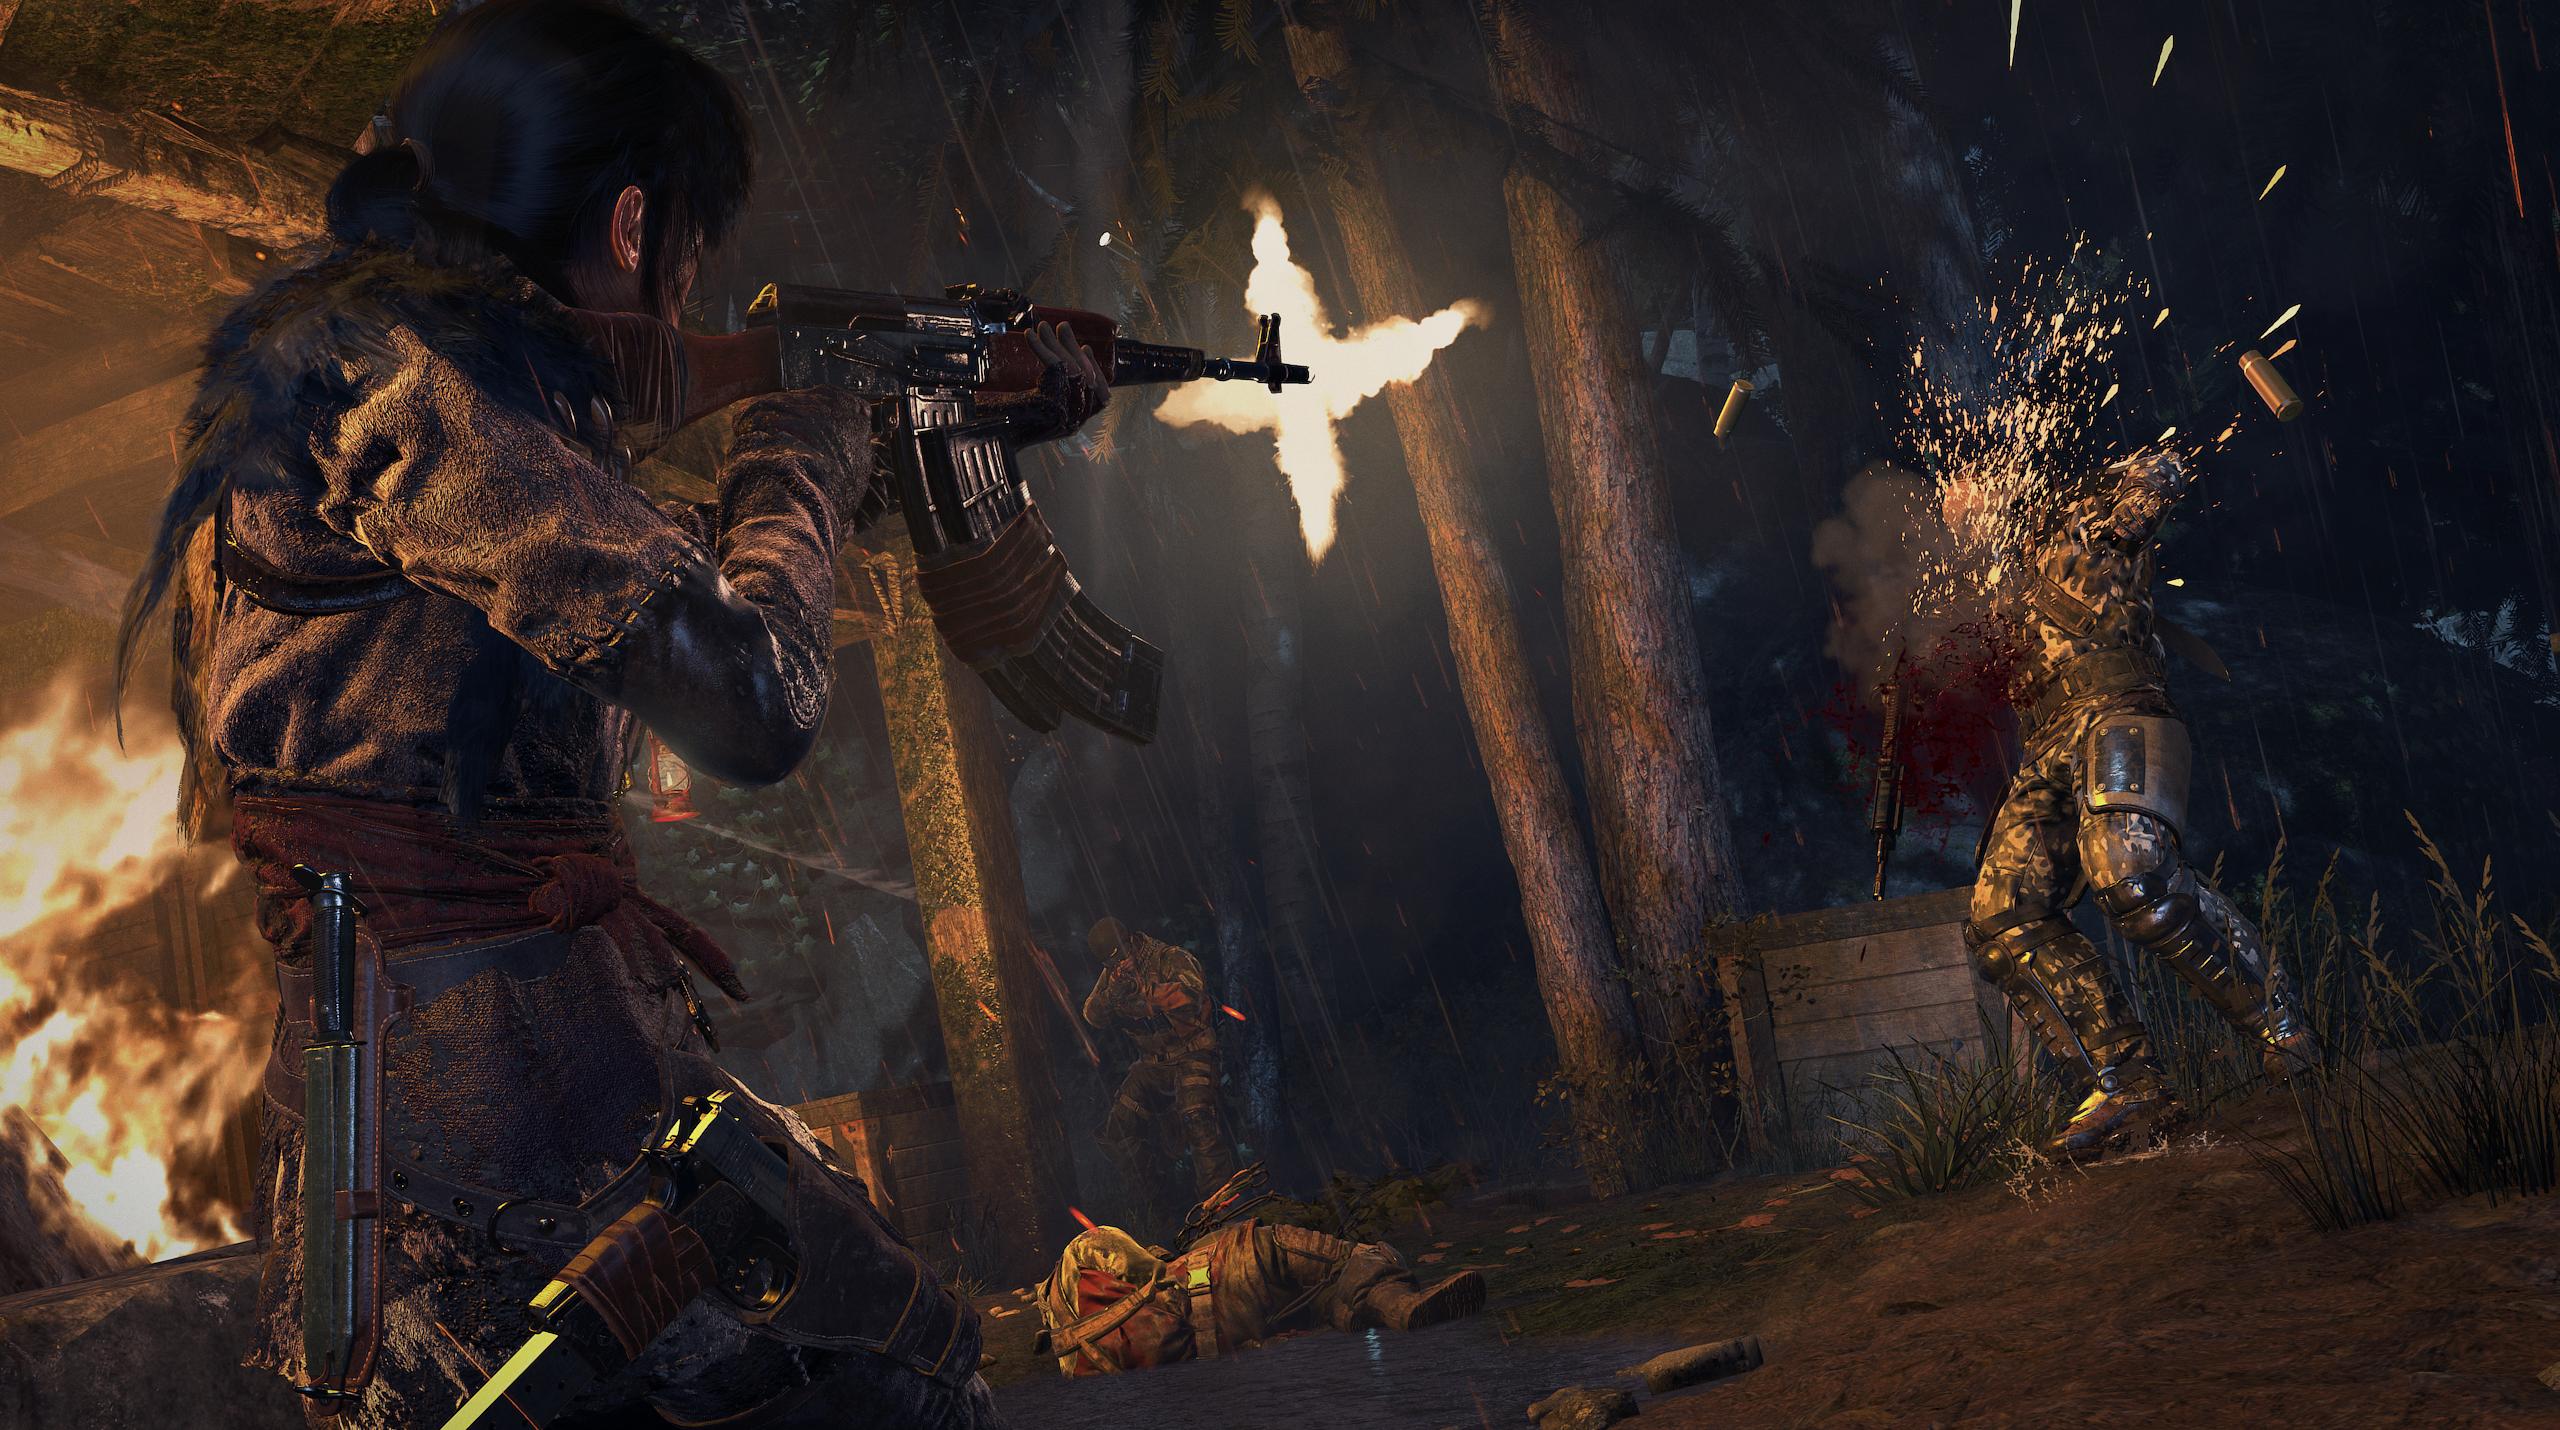 Obrázky z Rise of the Tomb Raider před vydáním PS4 verze 131617